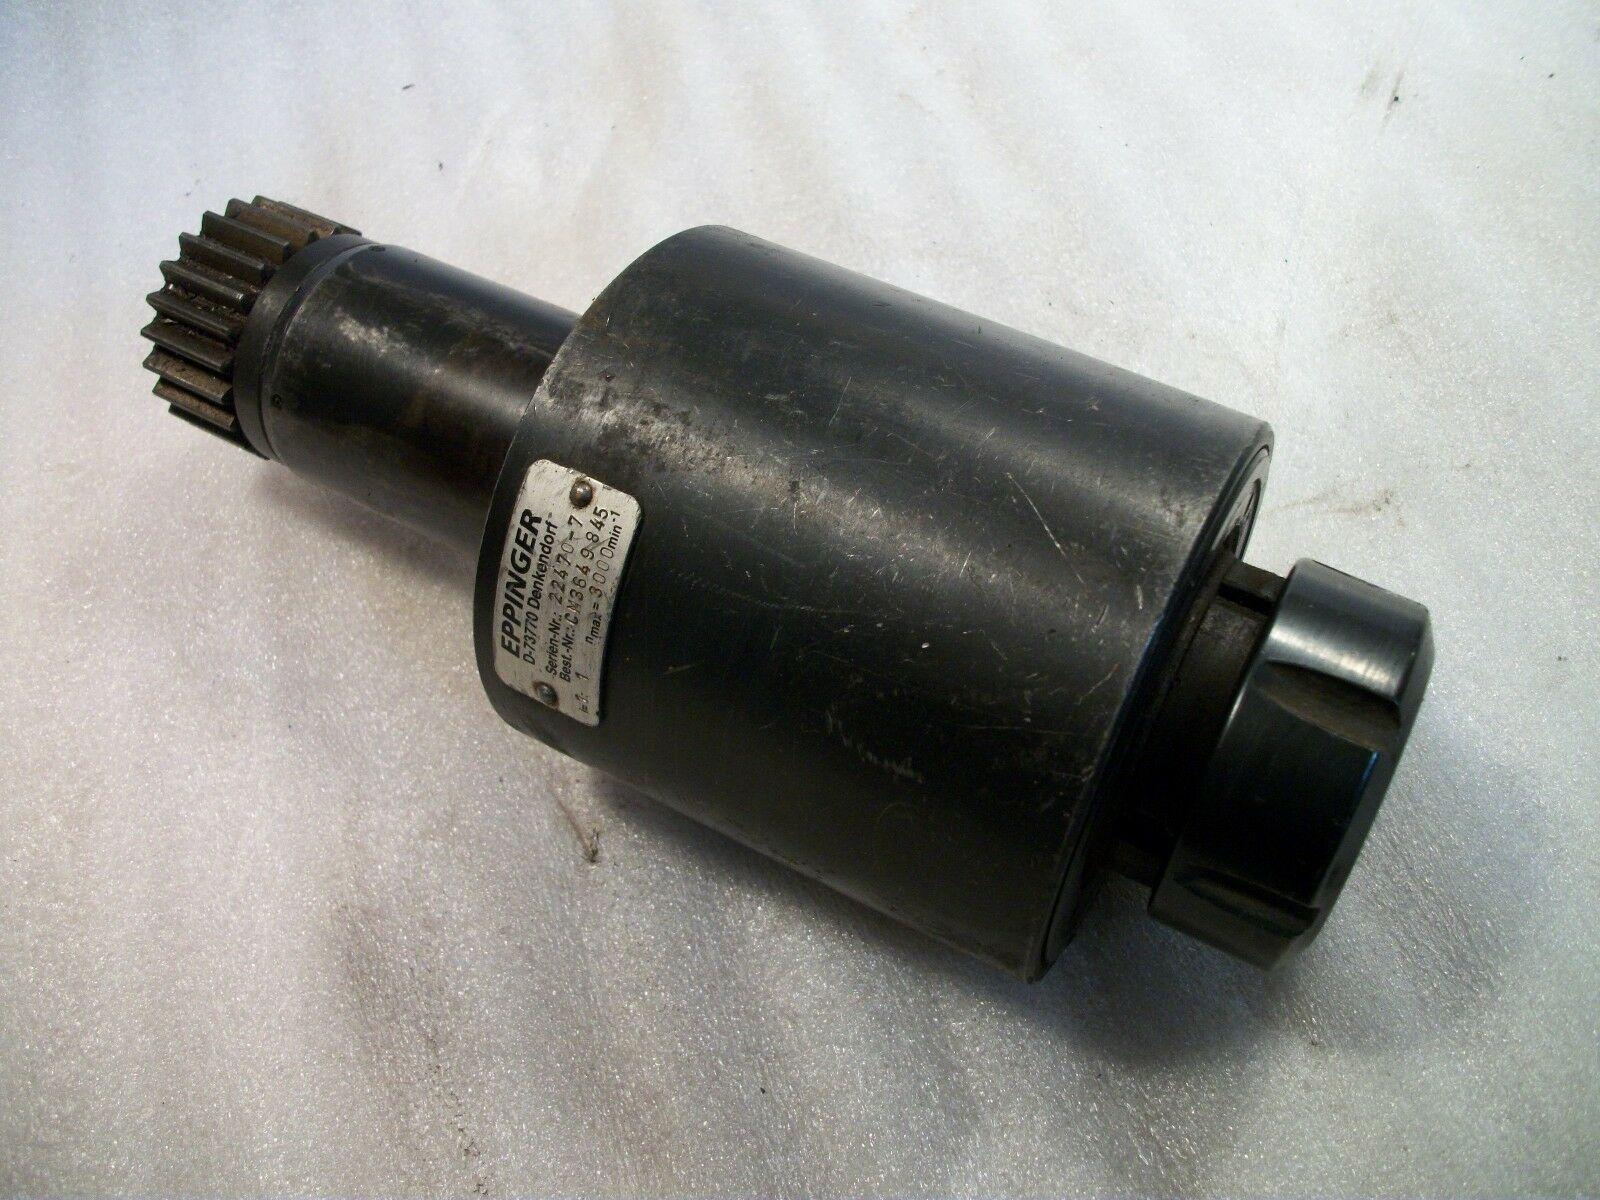 Eppinger VDI40 Live Tool Holder Model D73770